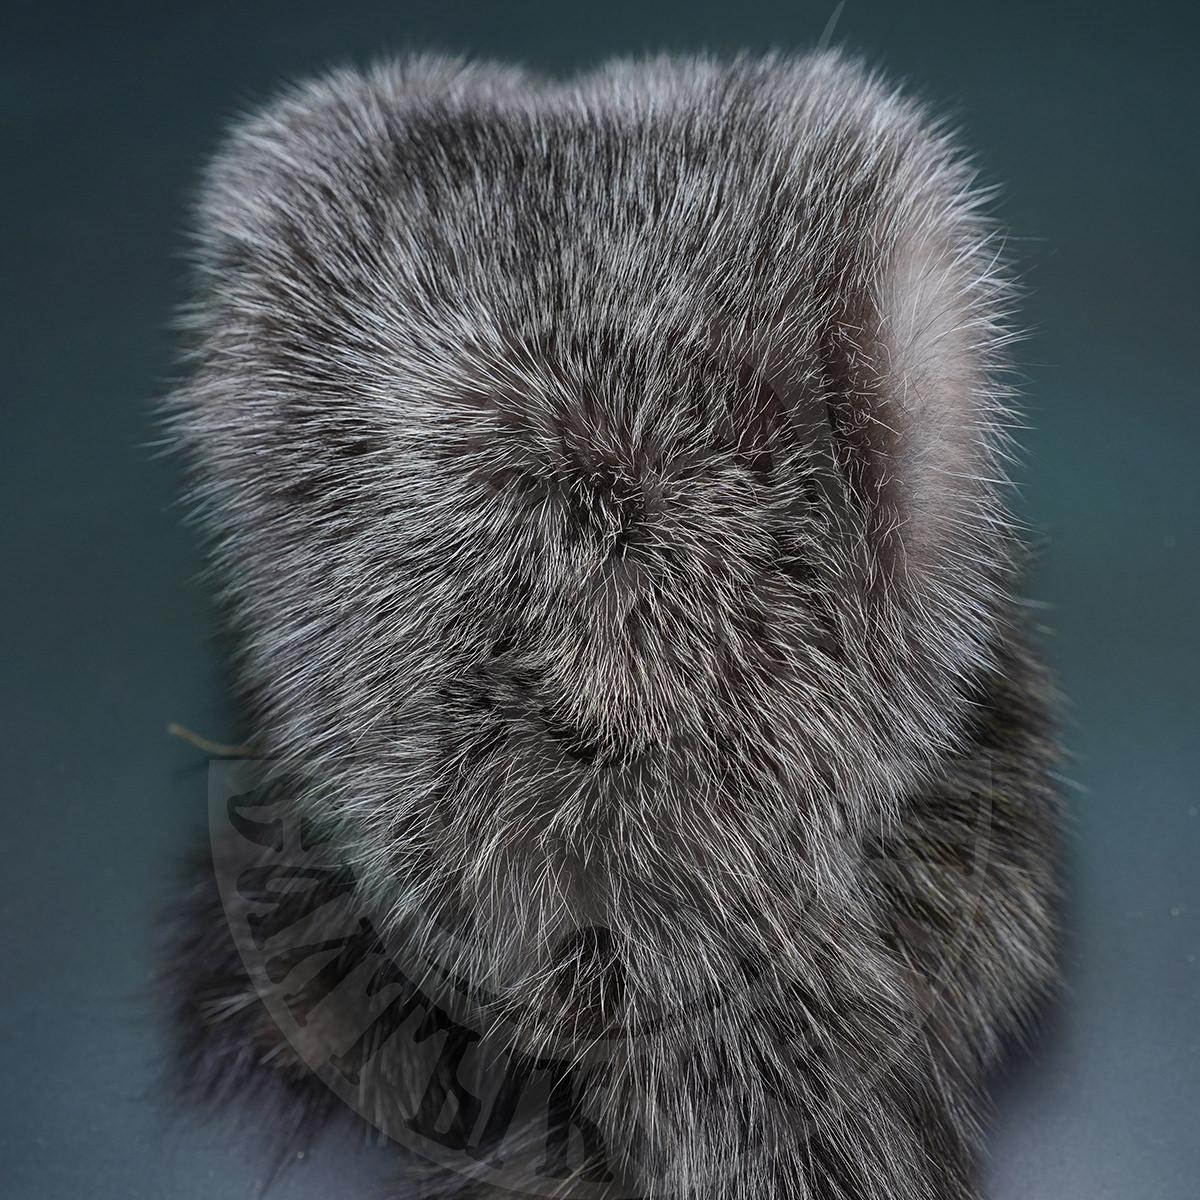 Зверосовхоз «Салтыковский» в очередной раз ждет покупателей на международном аукционе Saga Furs